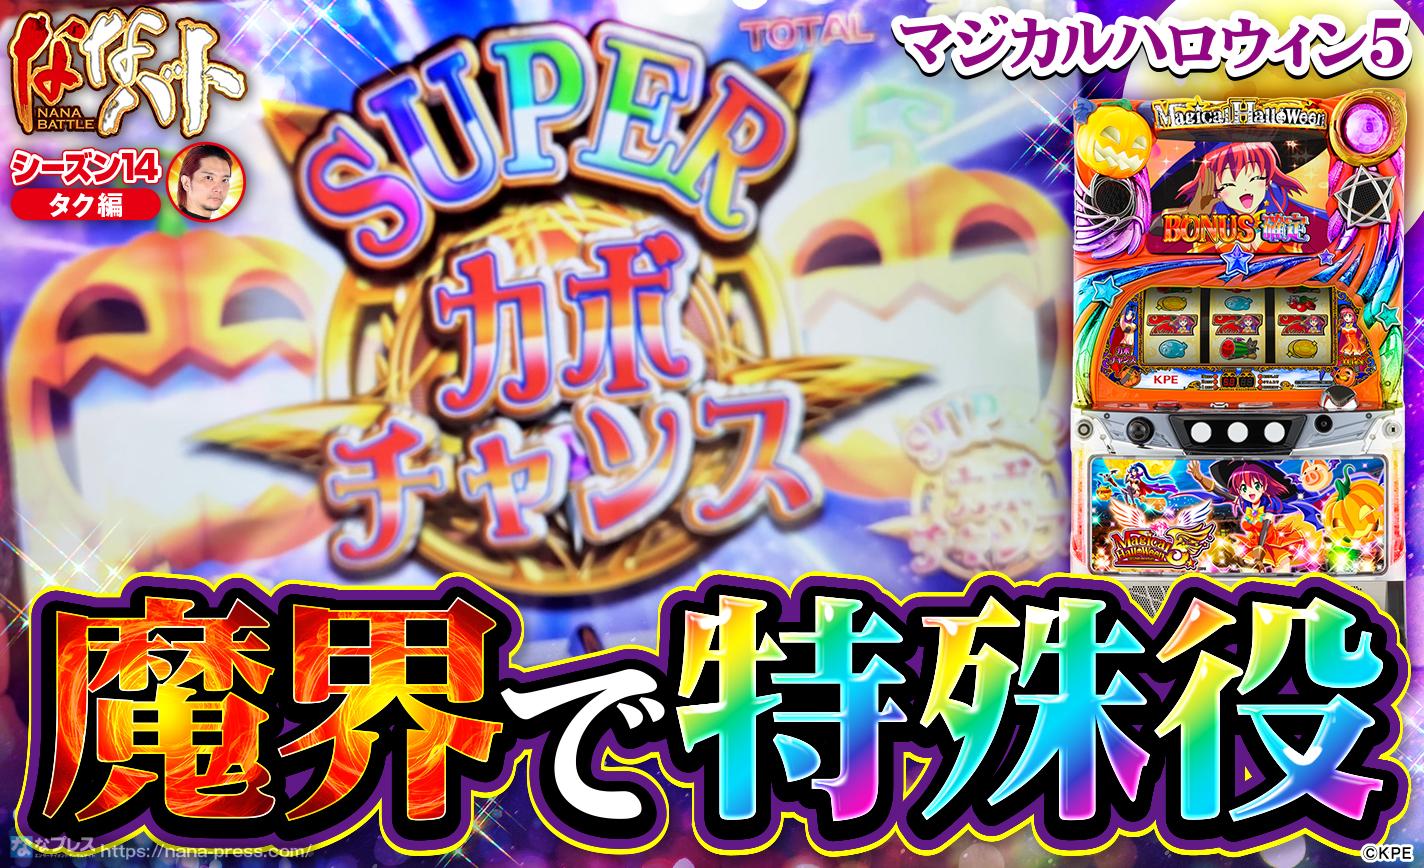 【マジハロ5】魔界で特殊役を引いてSUPERカボチャンスに突入した結果